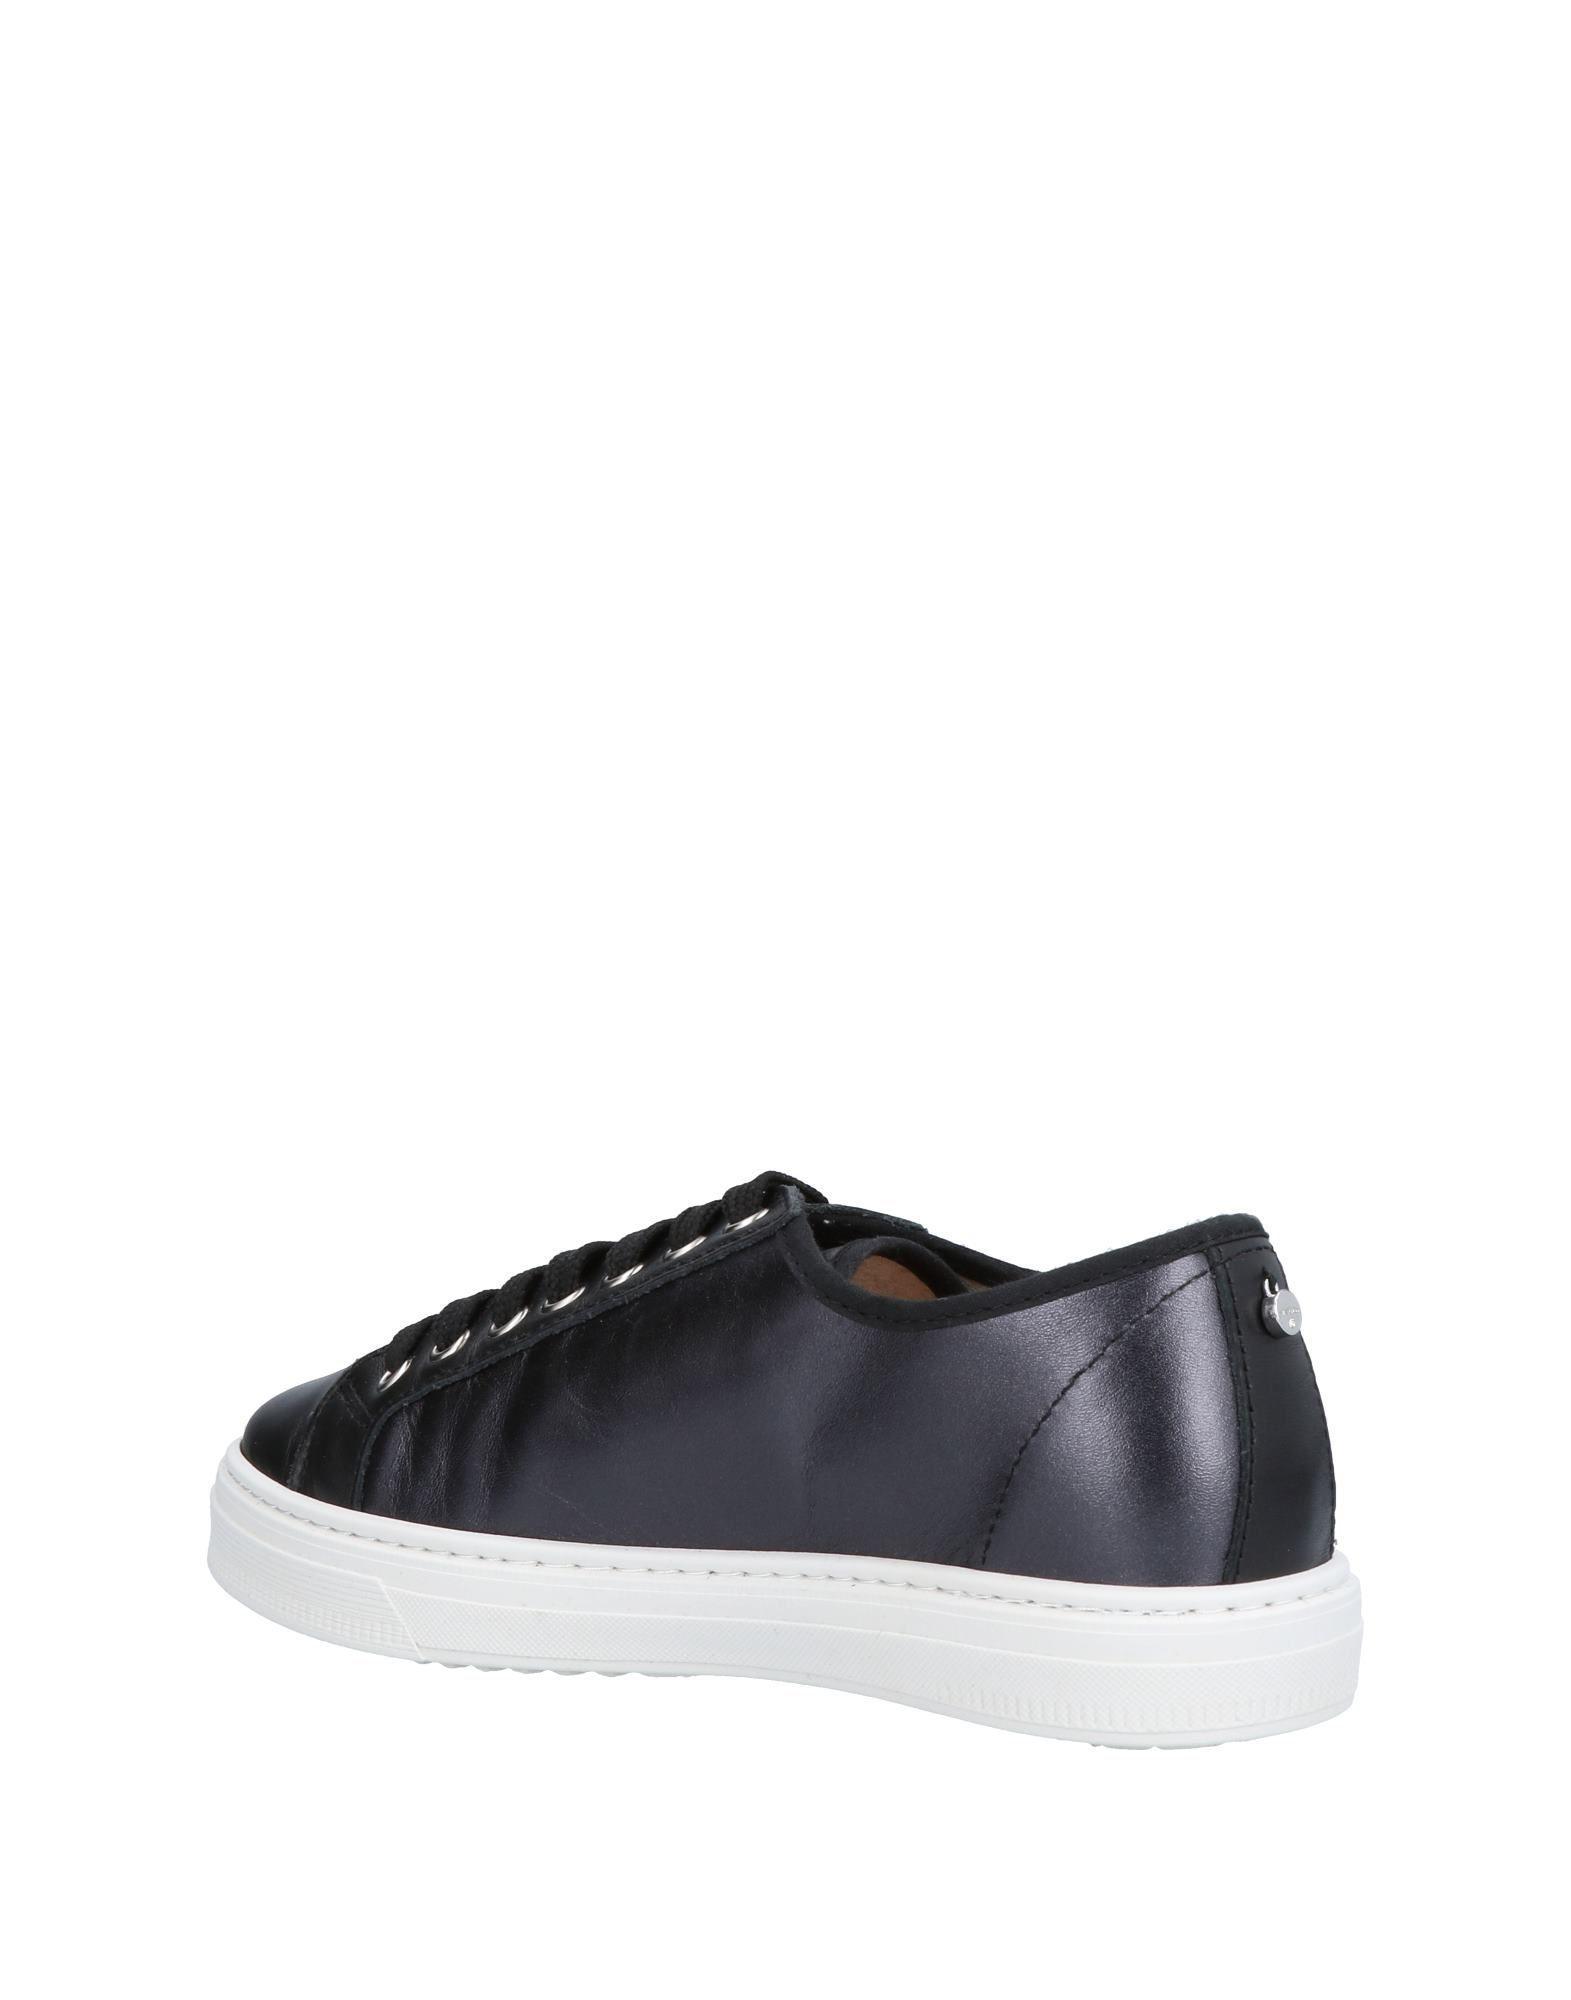 Chaussures - Bas-tops Et Baskets Vagabonde yT4Qp2X6